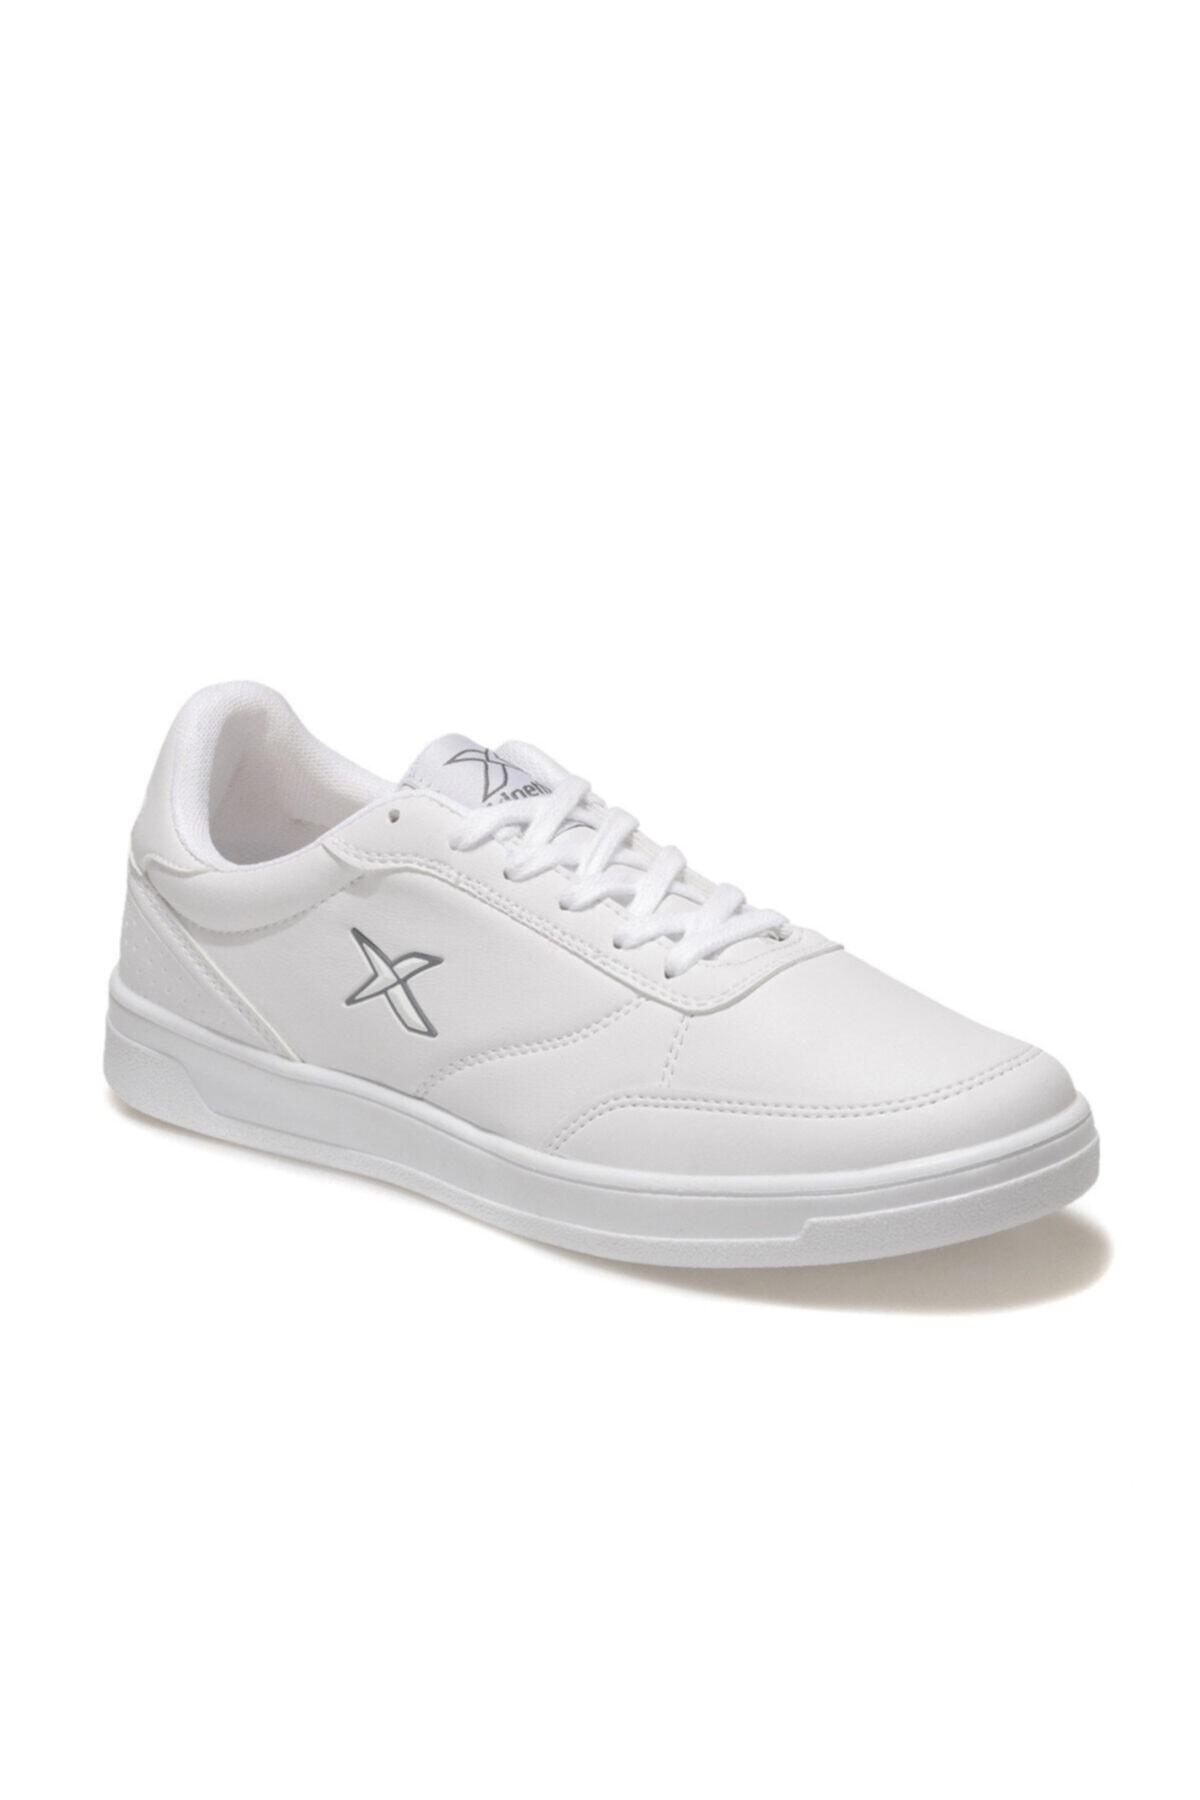 KARL PU M 1FX Beyaz Erkek Sneaker Ayakkabı 100785407